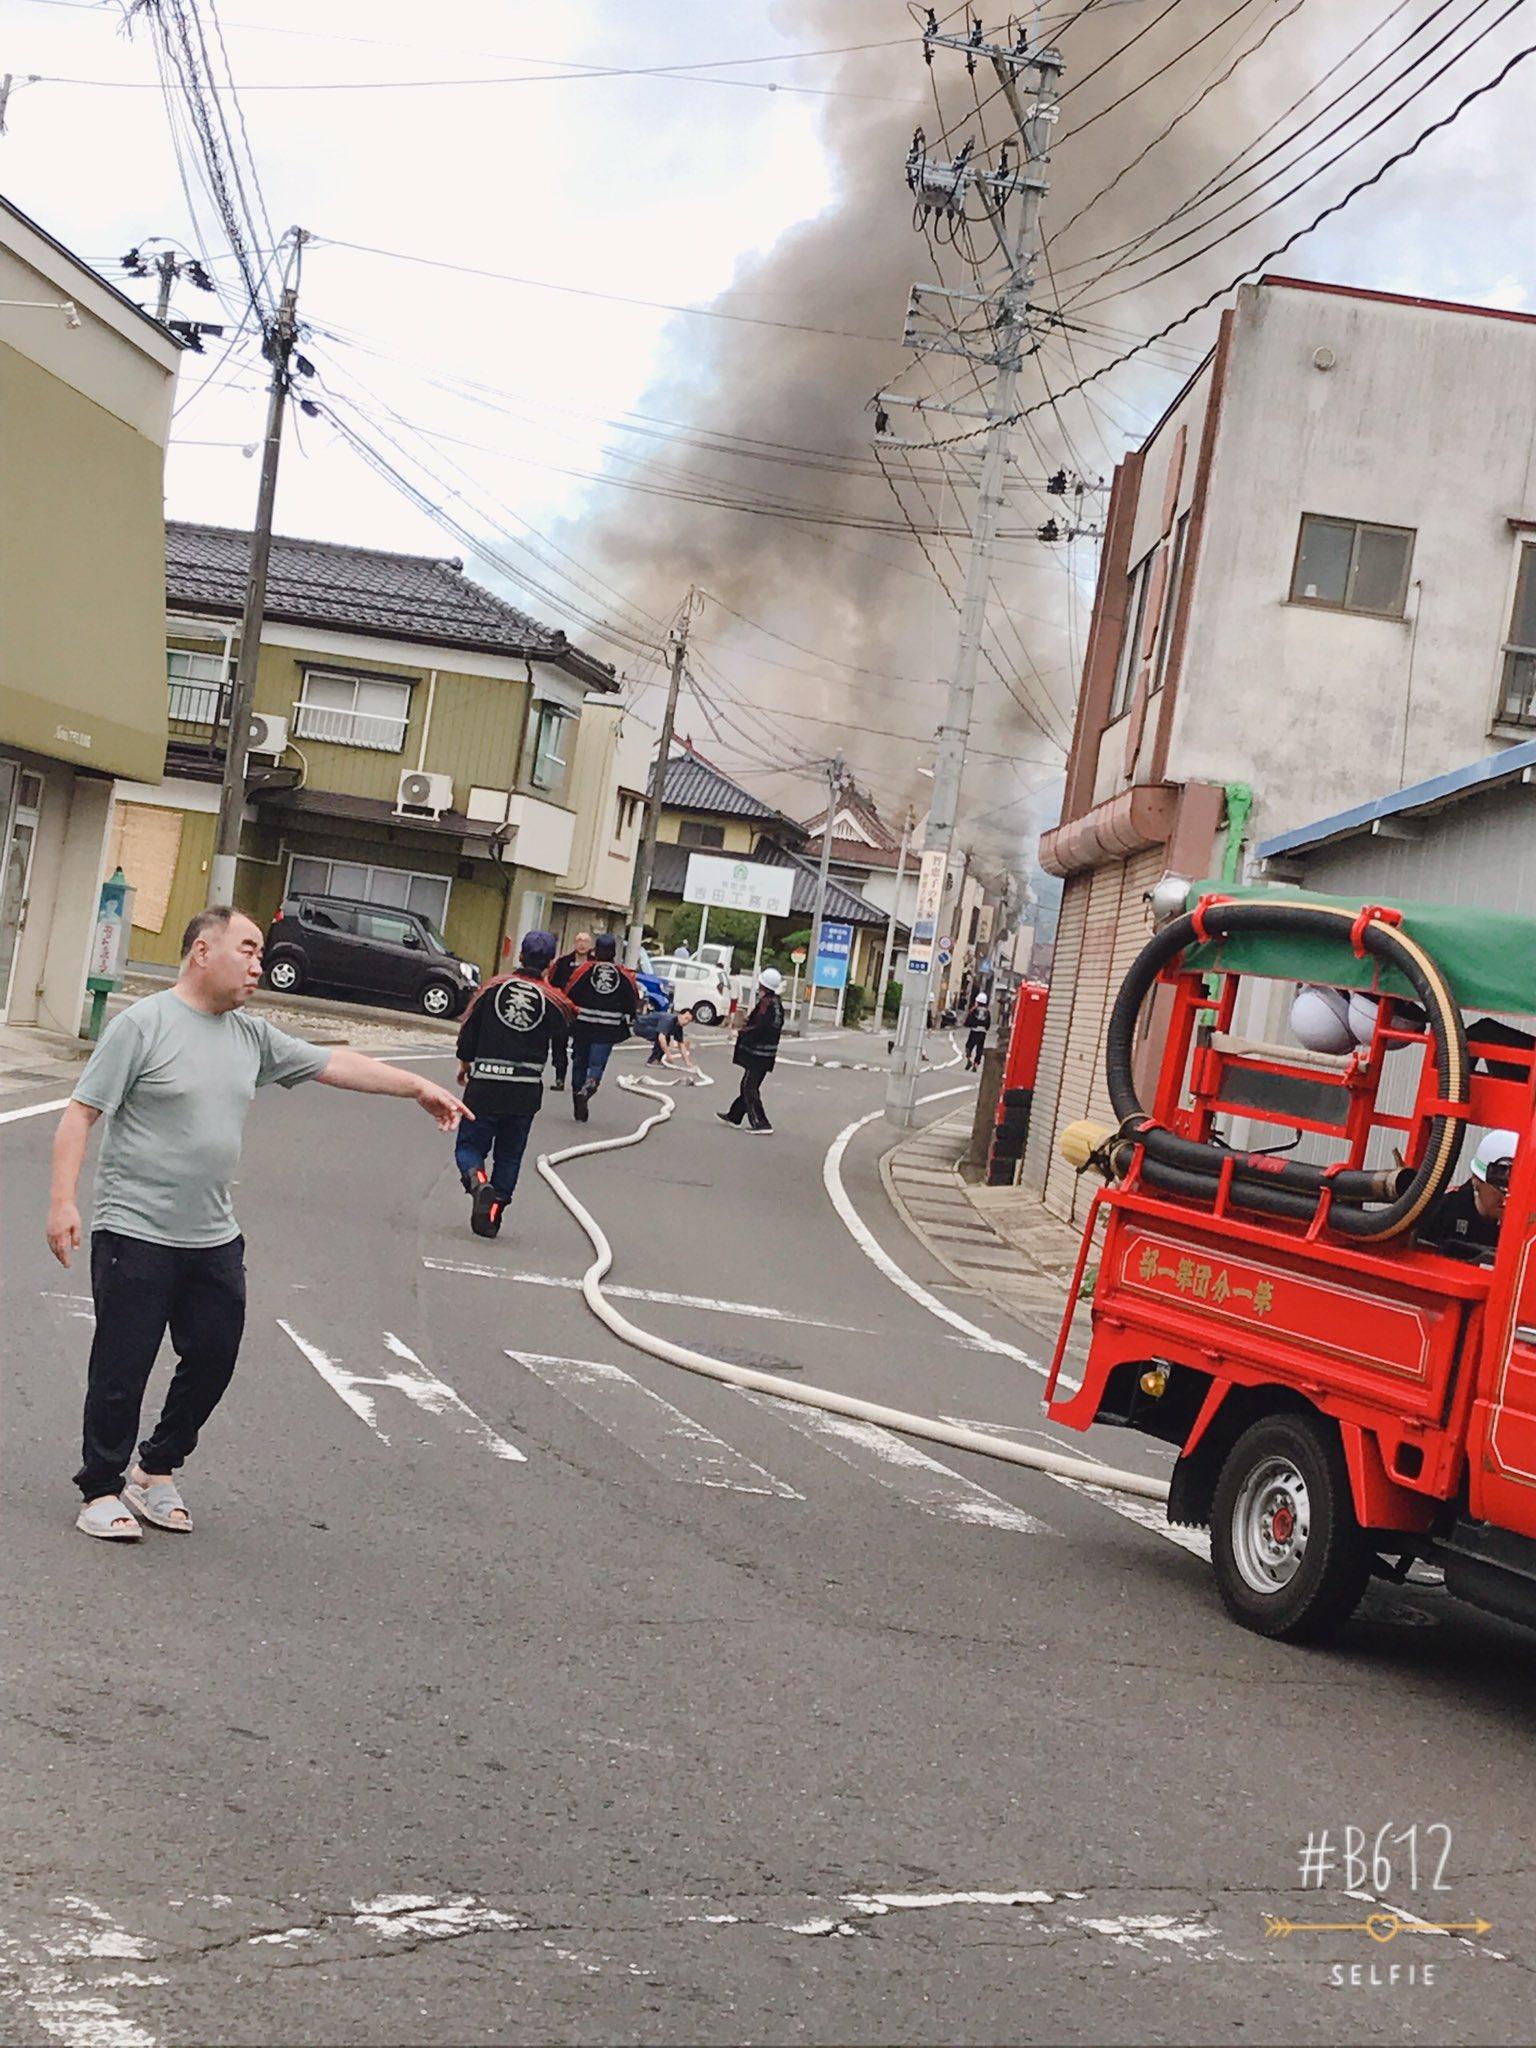 画像,朝から家の近く火事でやばい https://t.co/wrku3ExN0y。